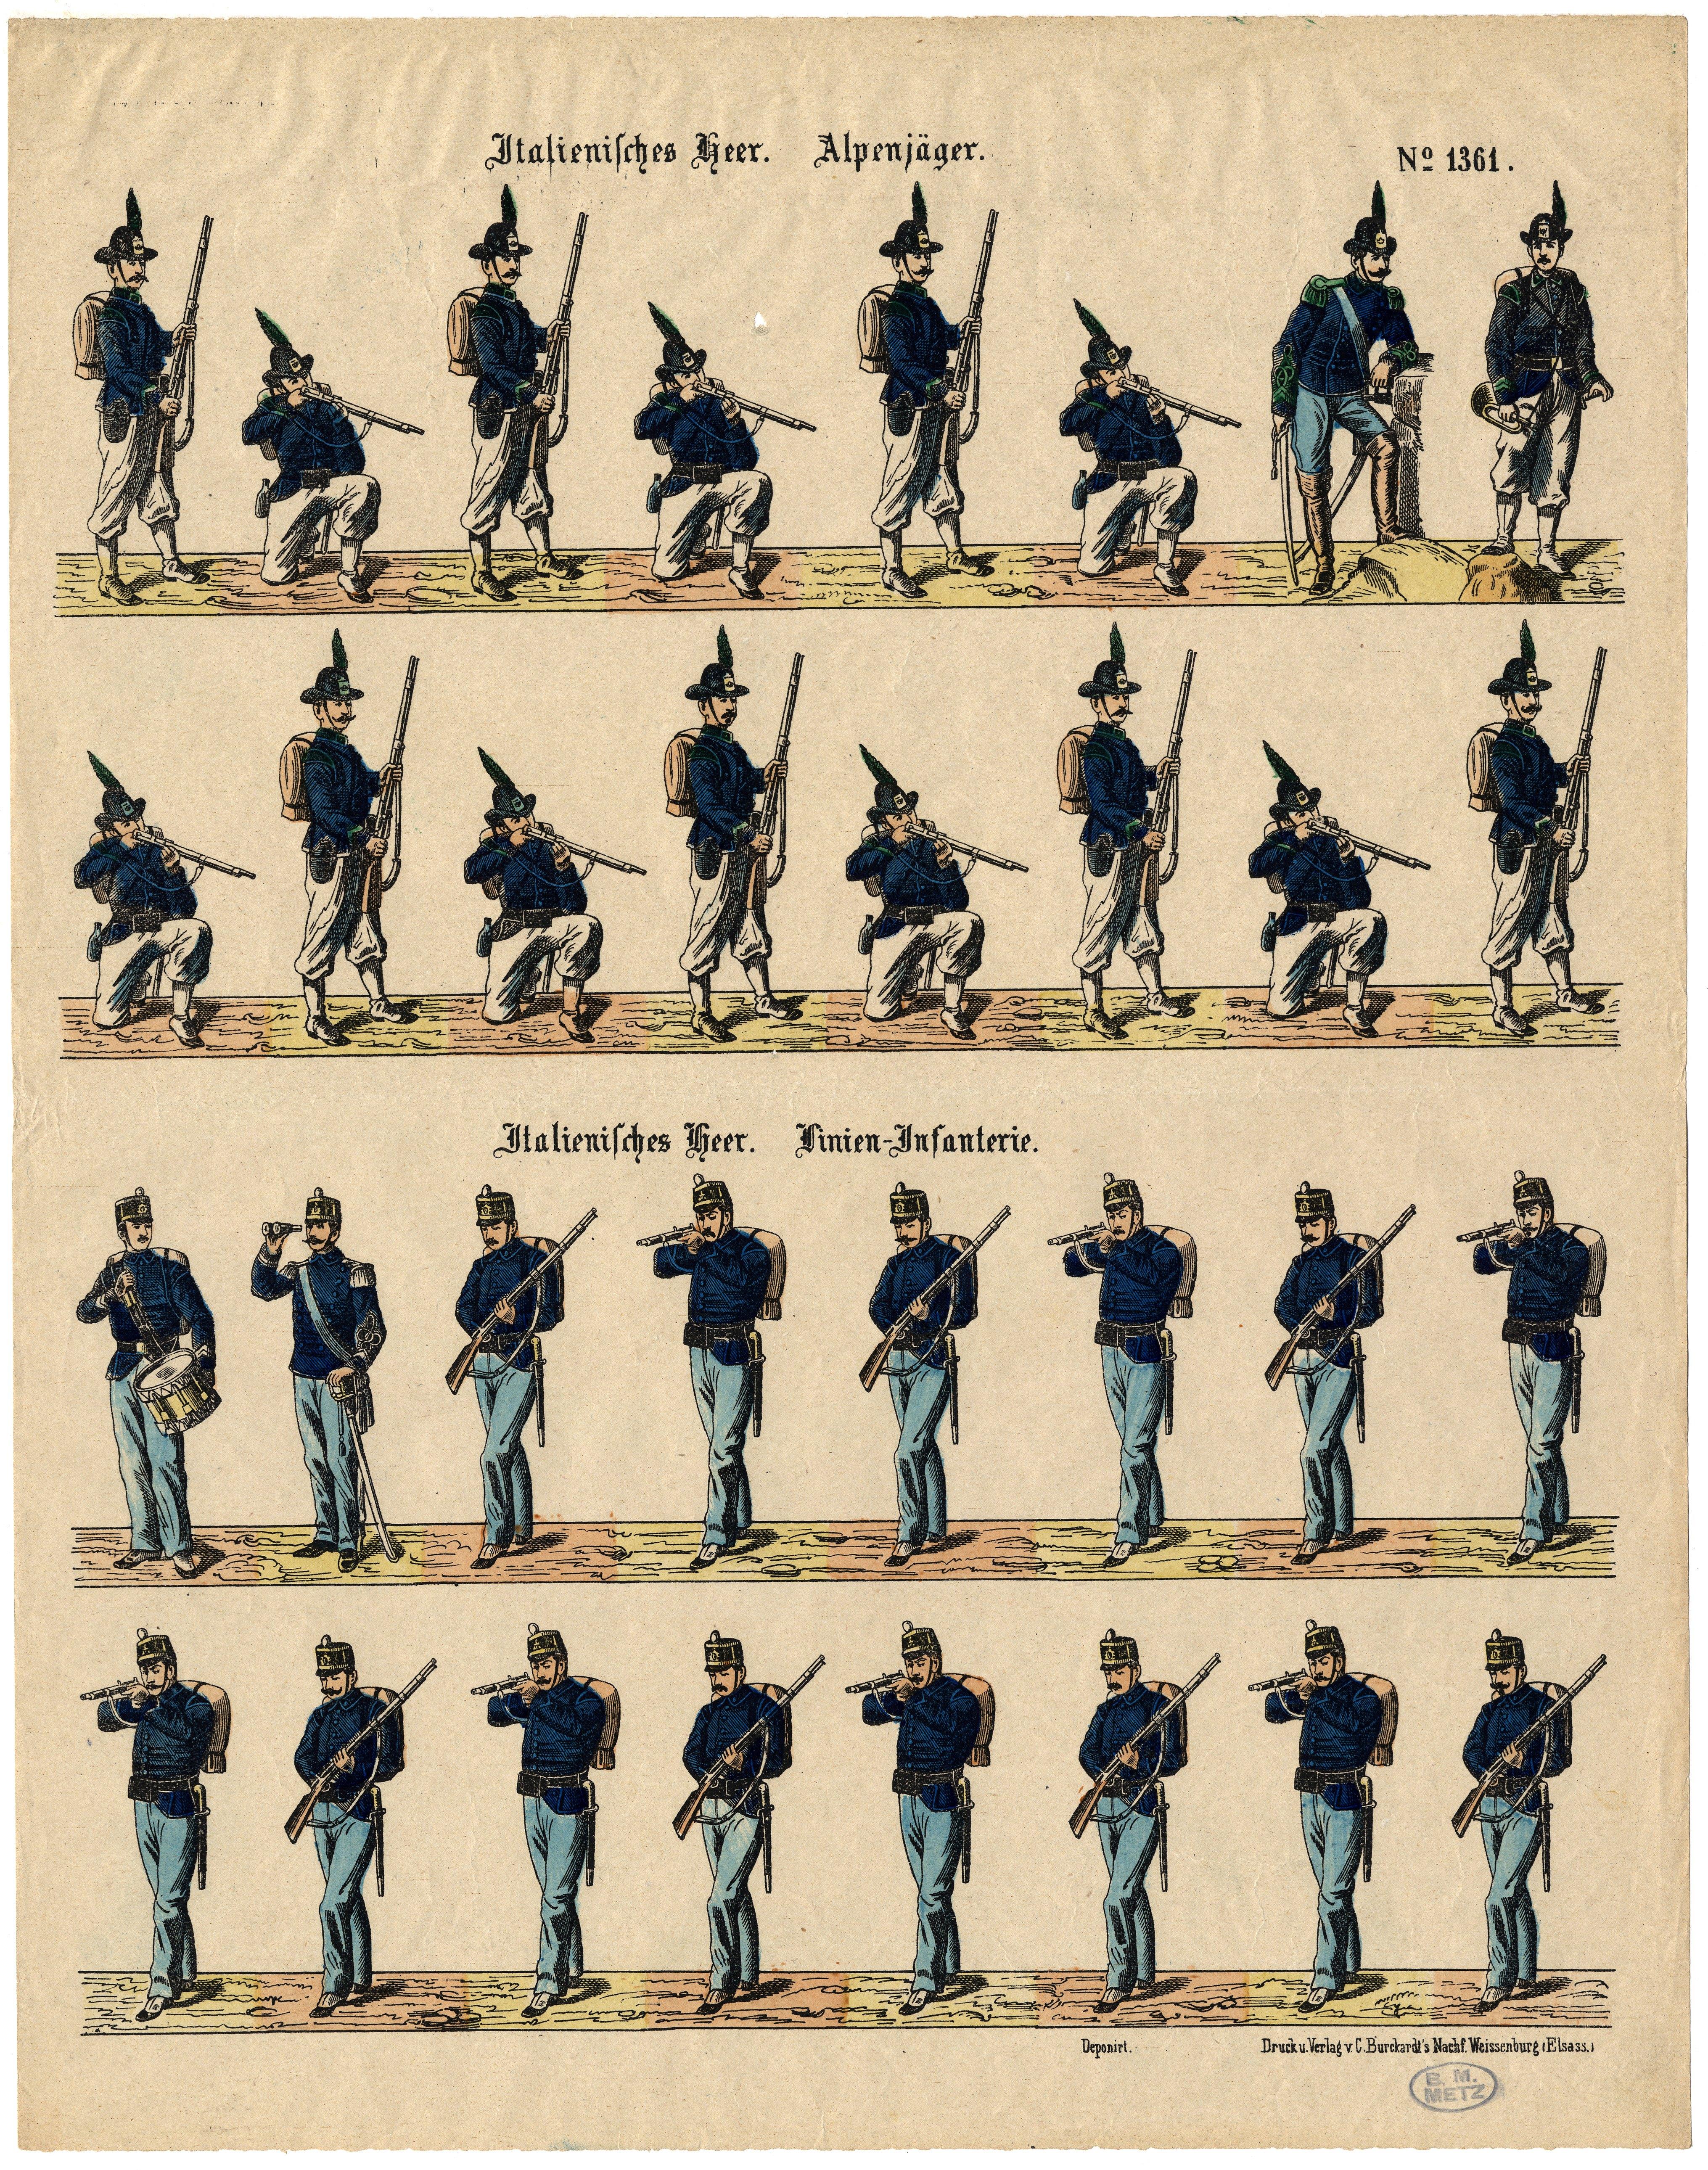 Contenu du Italienisches Heer. Alpenjäger – Italienisches Heer. Linien-Infanterie